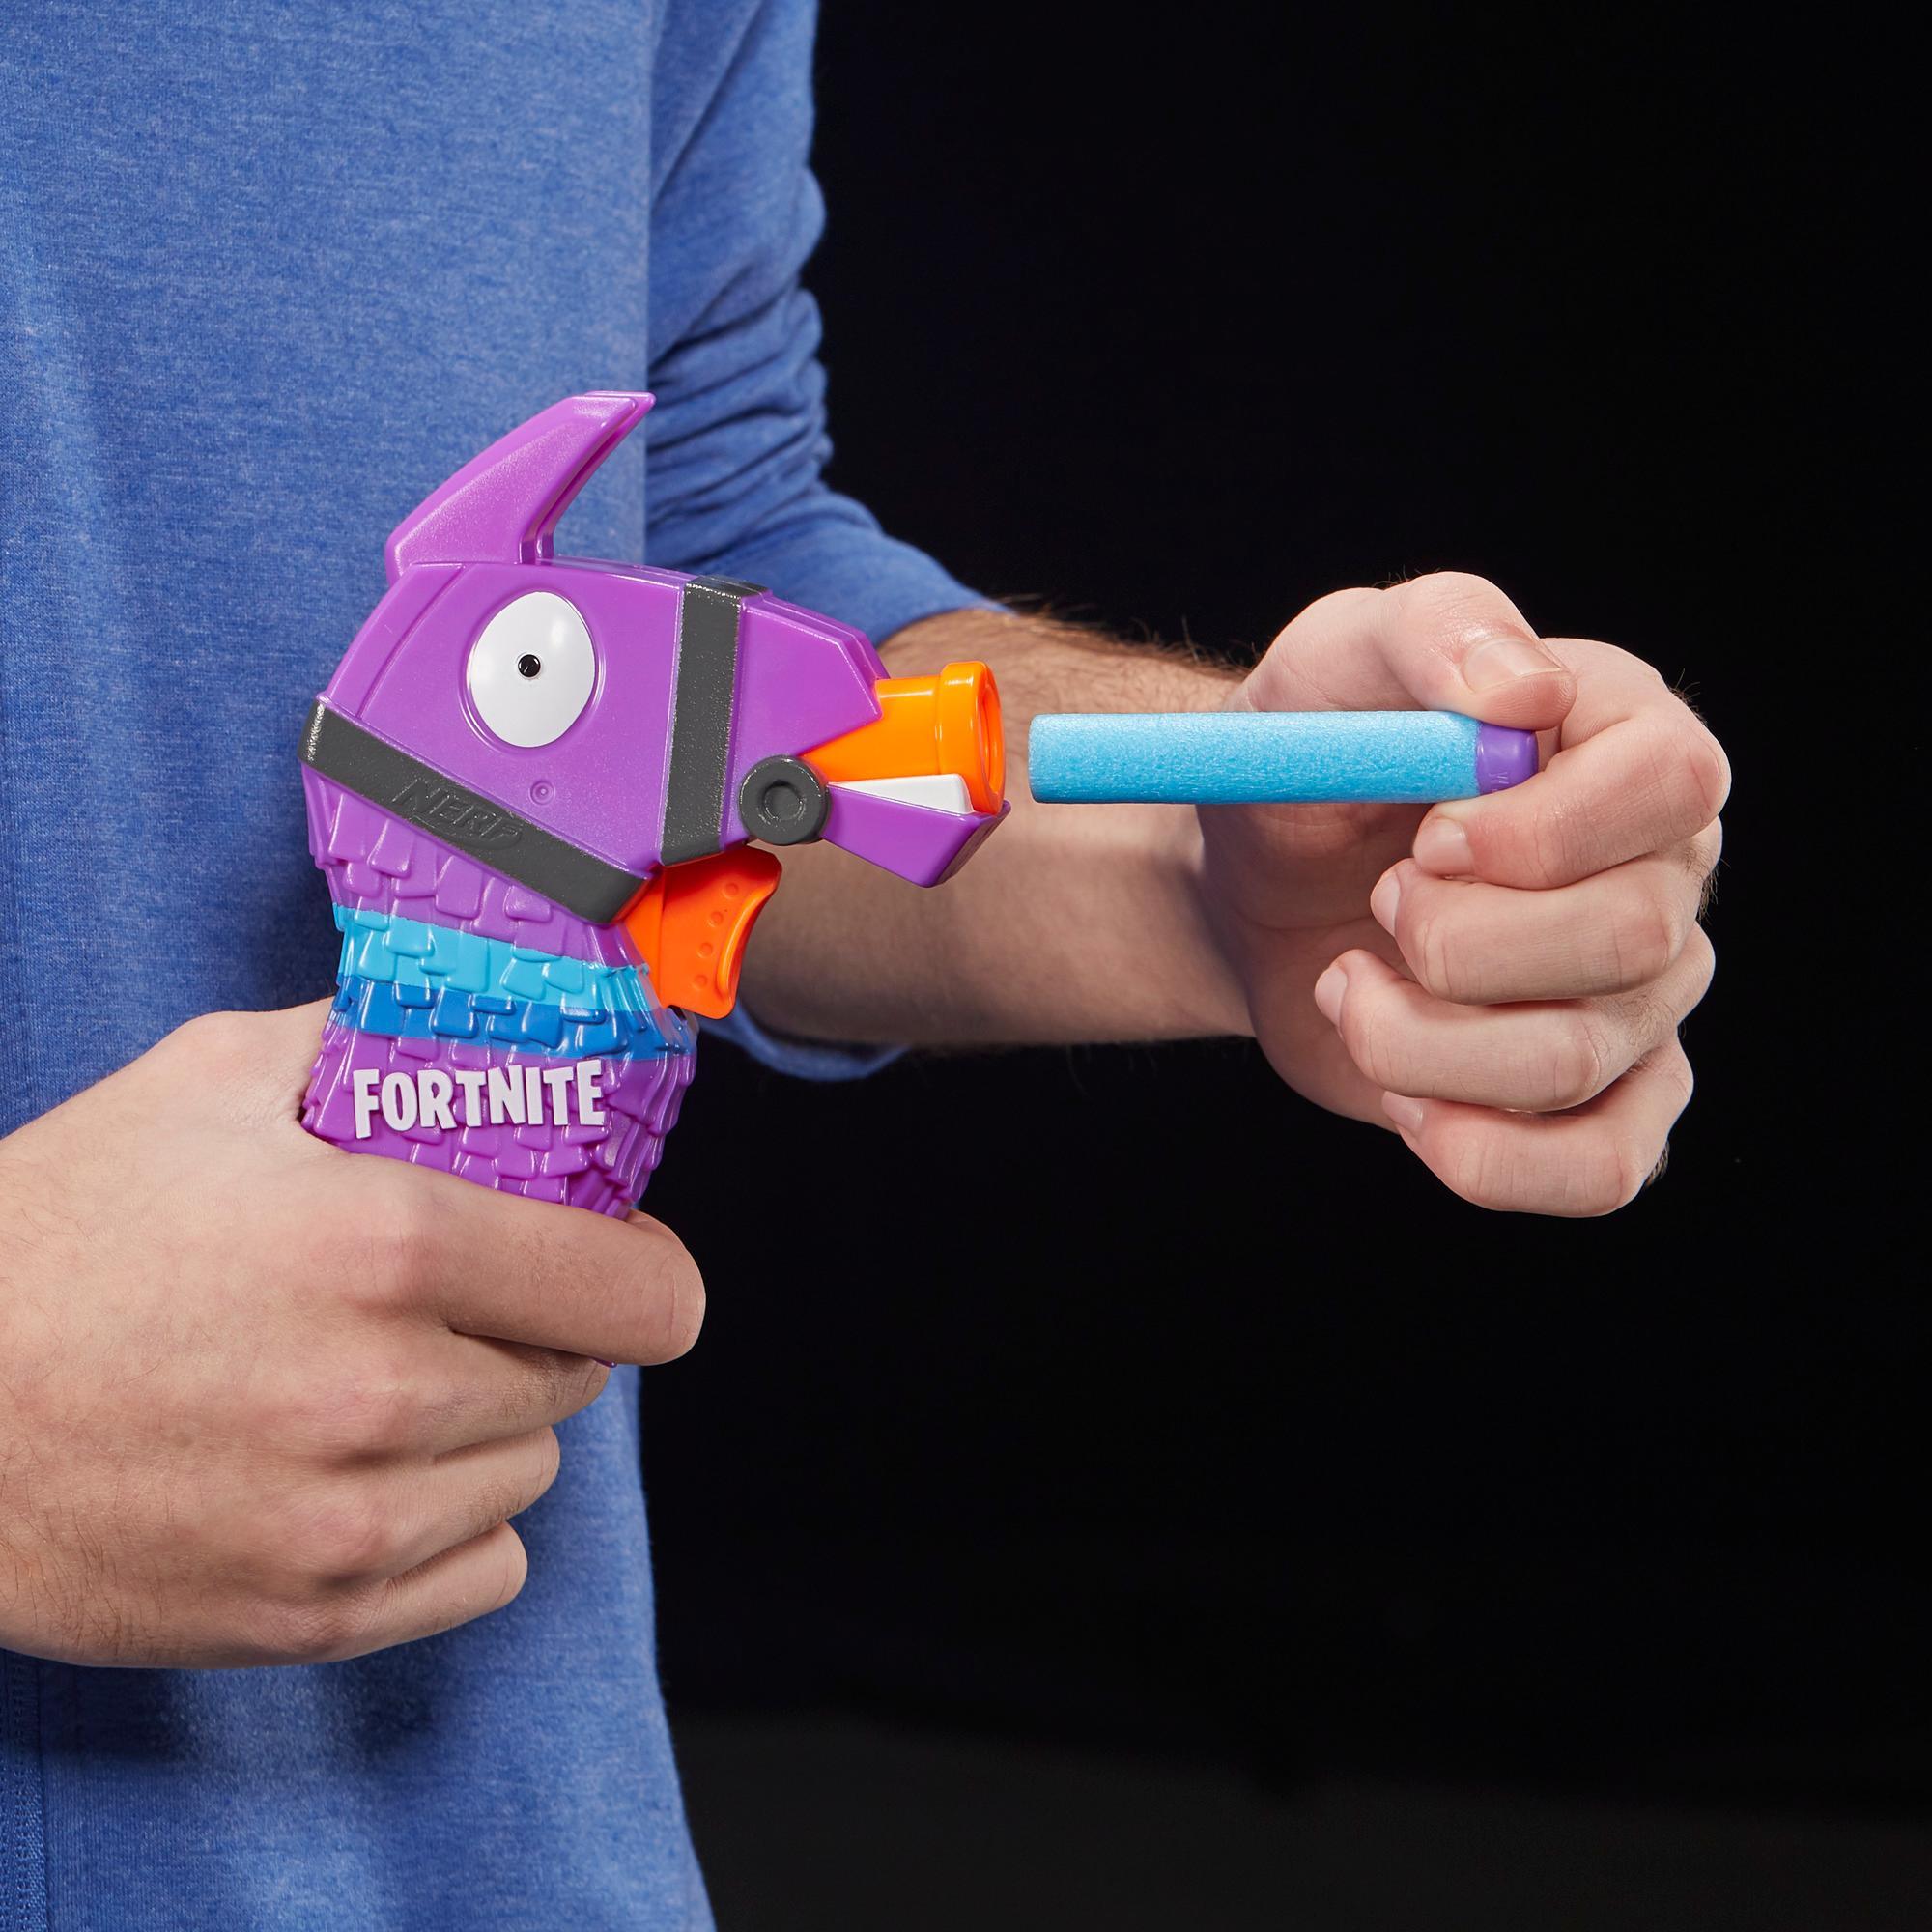 フォートナイト ラマ ナーフ マイクロショット ダーツ射撃  トイブラスターには2発のナーフ公式エリートダーツが付属。児童、青年、大人向け